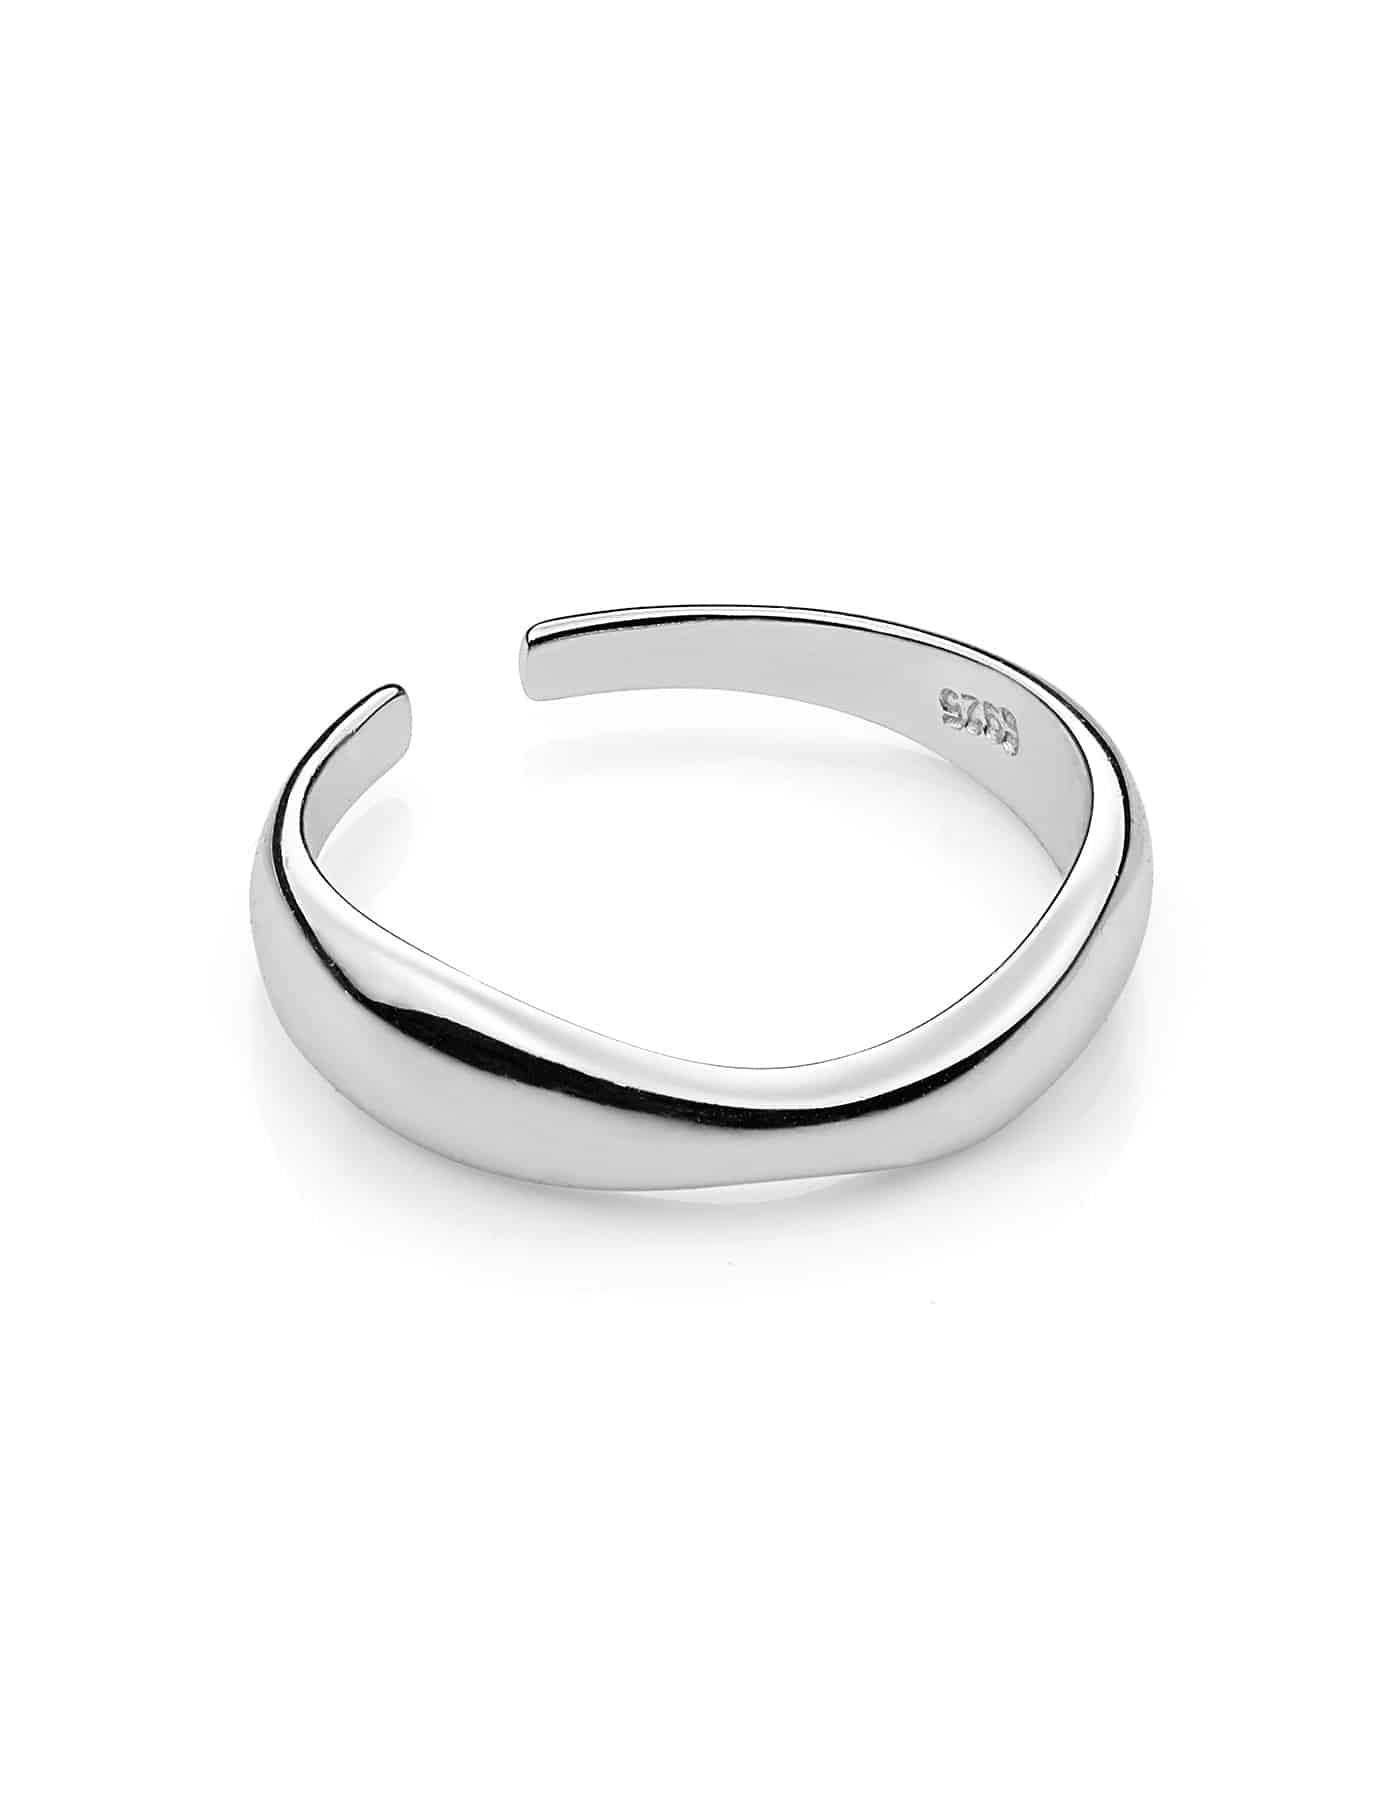 Silver Adjustable Irregular Ring